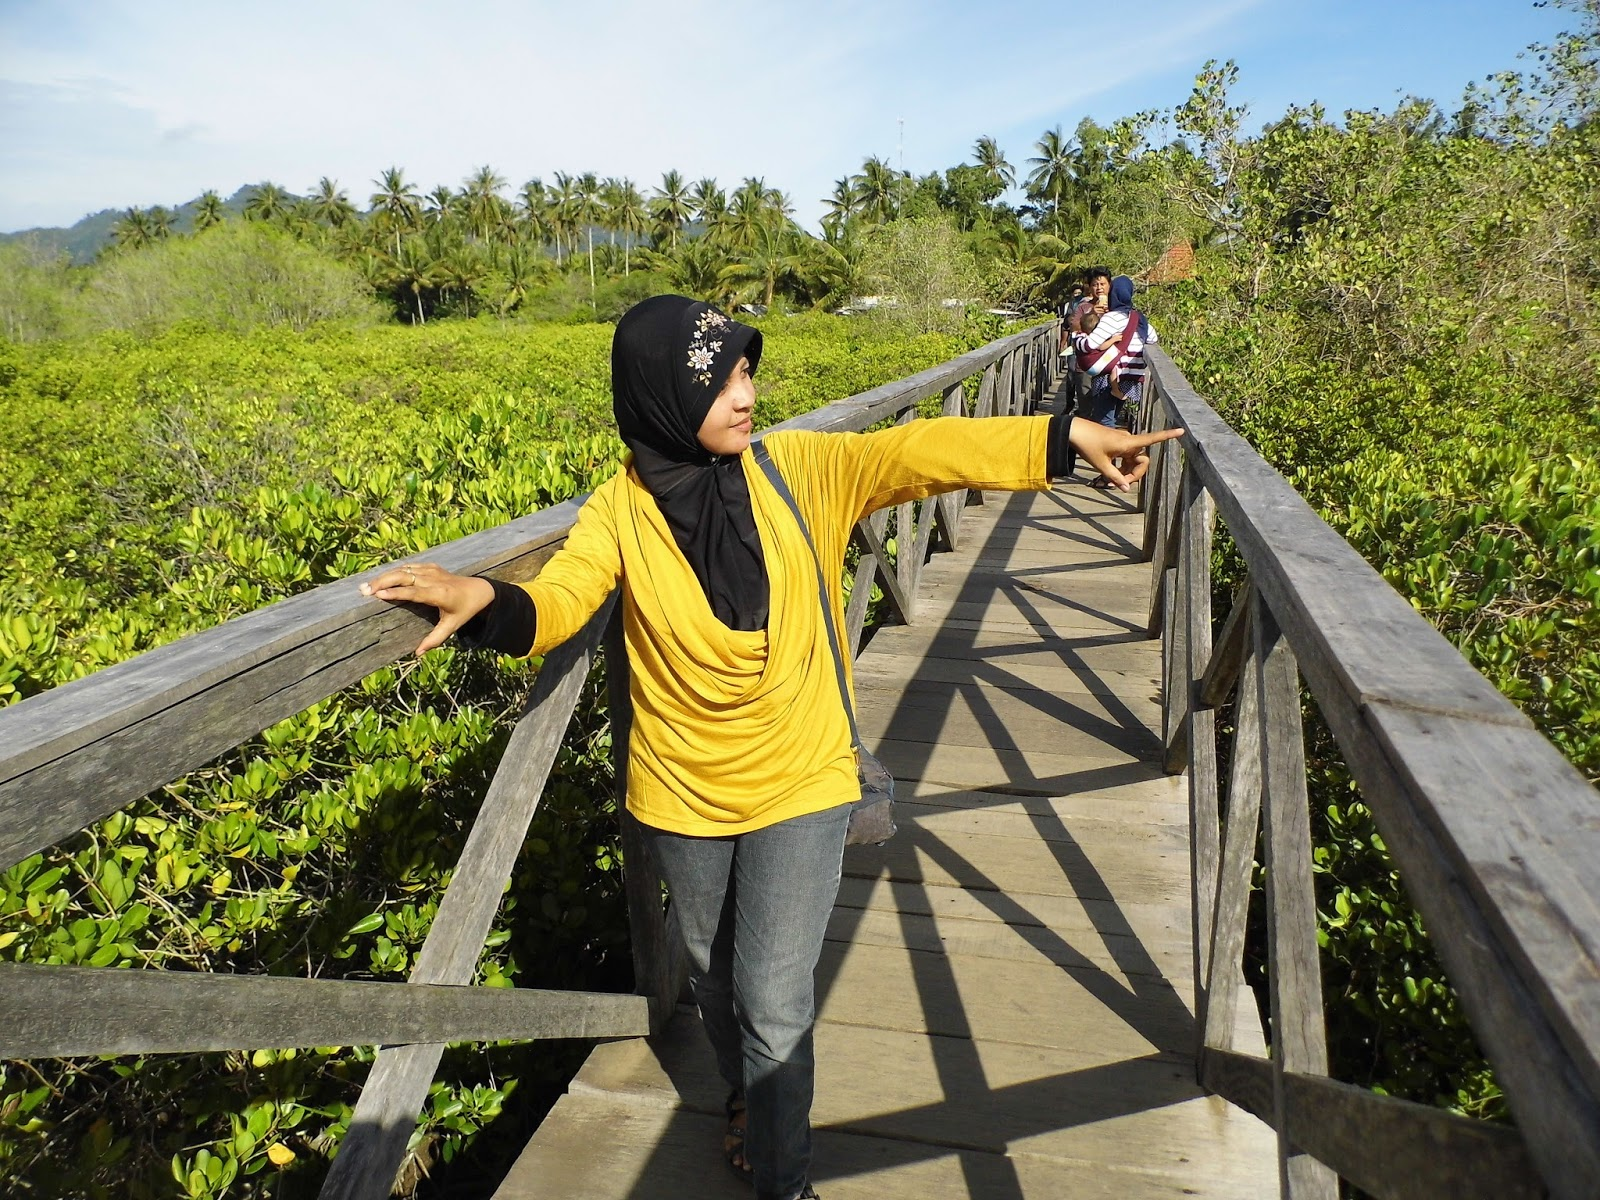 Zulvia Rumaida Keindahan Jembatan Mangrove Cengkrong Trenggalek Laksana Negeri Atas